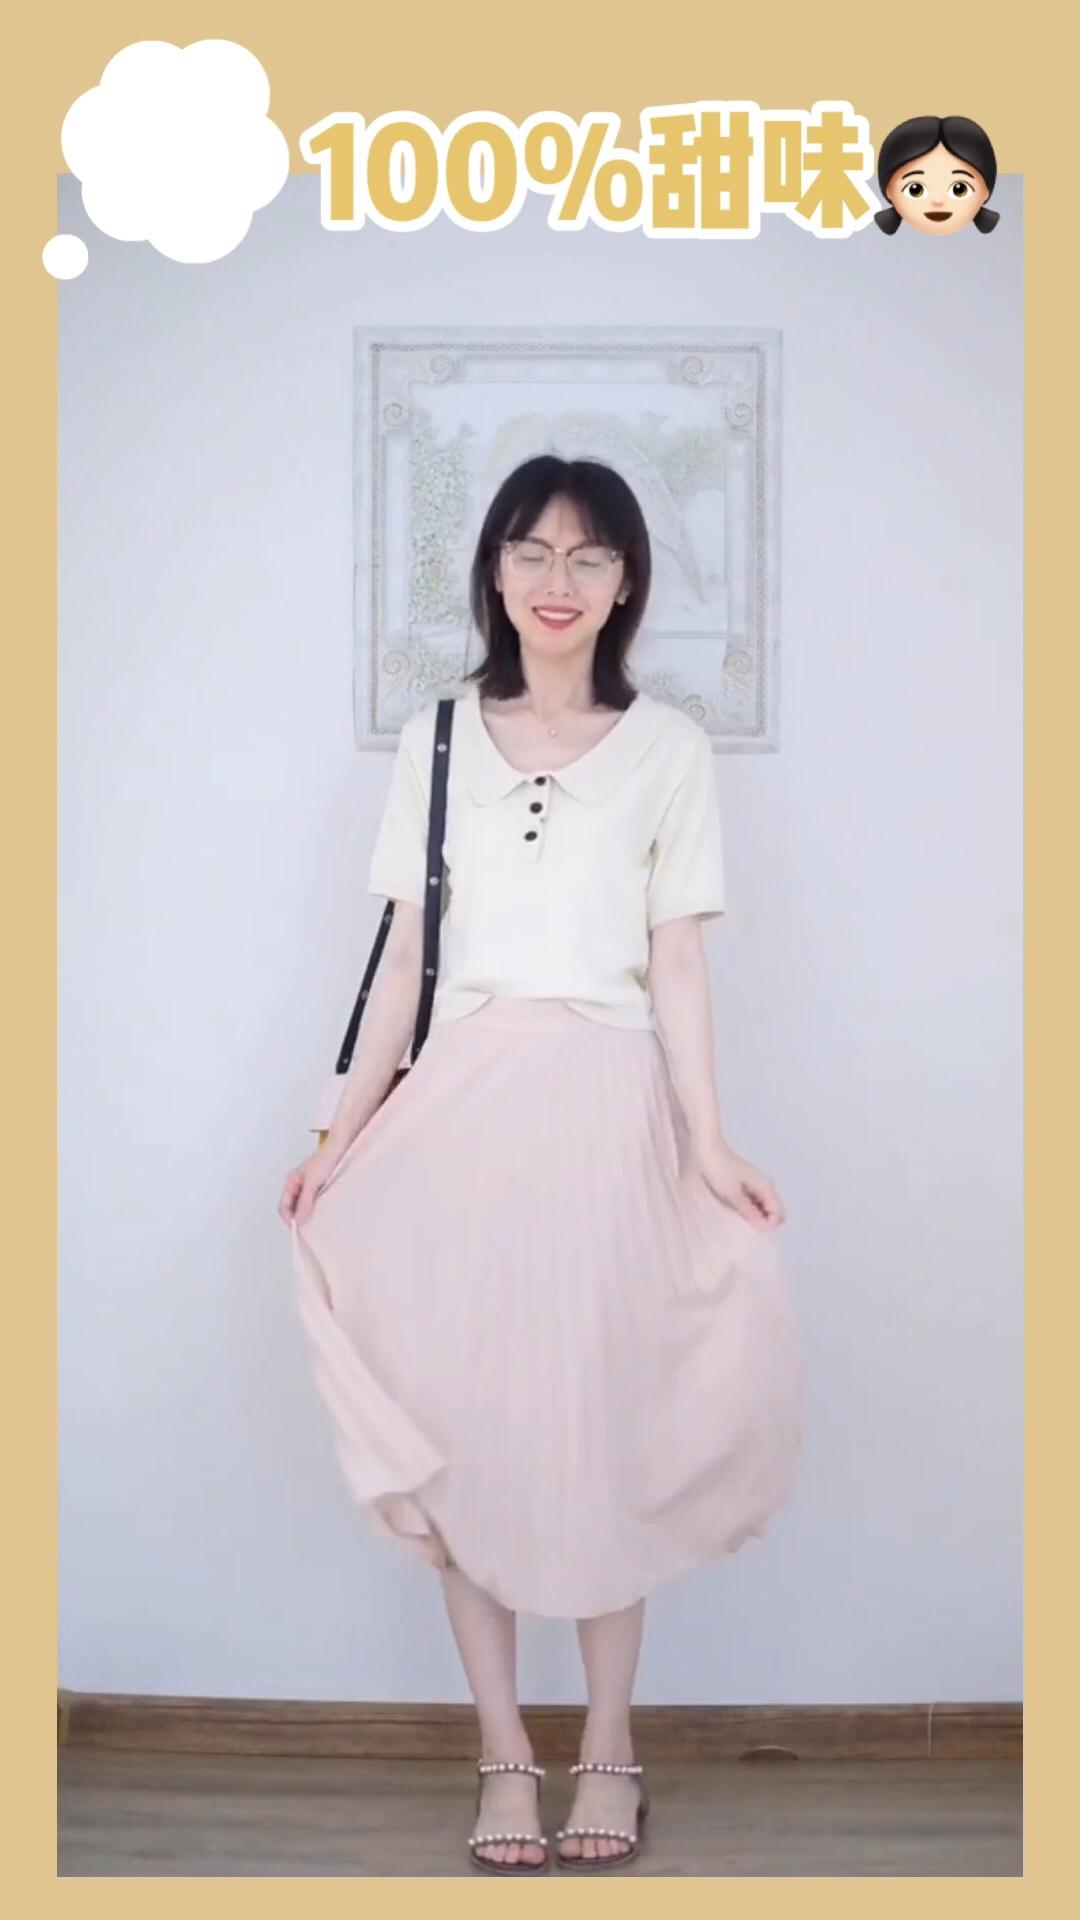 #轻柔雪纺,夏日就要清清爽爽!# 👛小毯穿什么 雪纺裙一定是每位仙女衣柜里的必备单品,百褶的版型经久耐看。杏色中透着淡淡的粉色,甜而不腻。上身搭配浅鹅黄polo针织,温柔甜美。